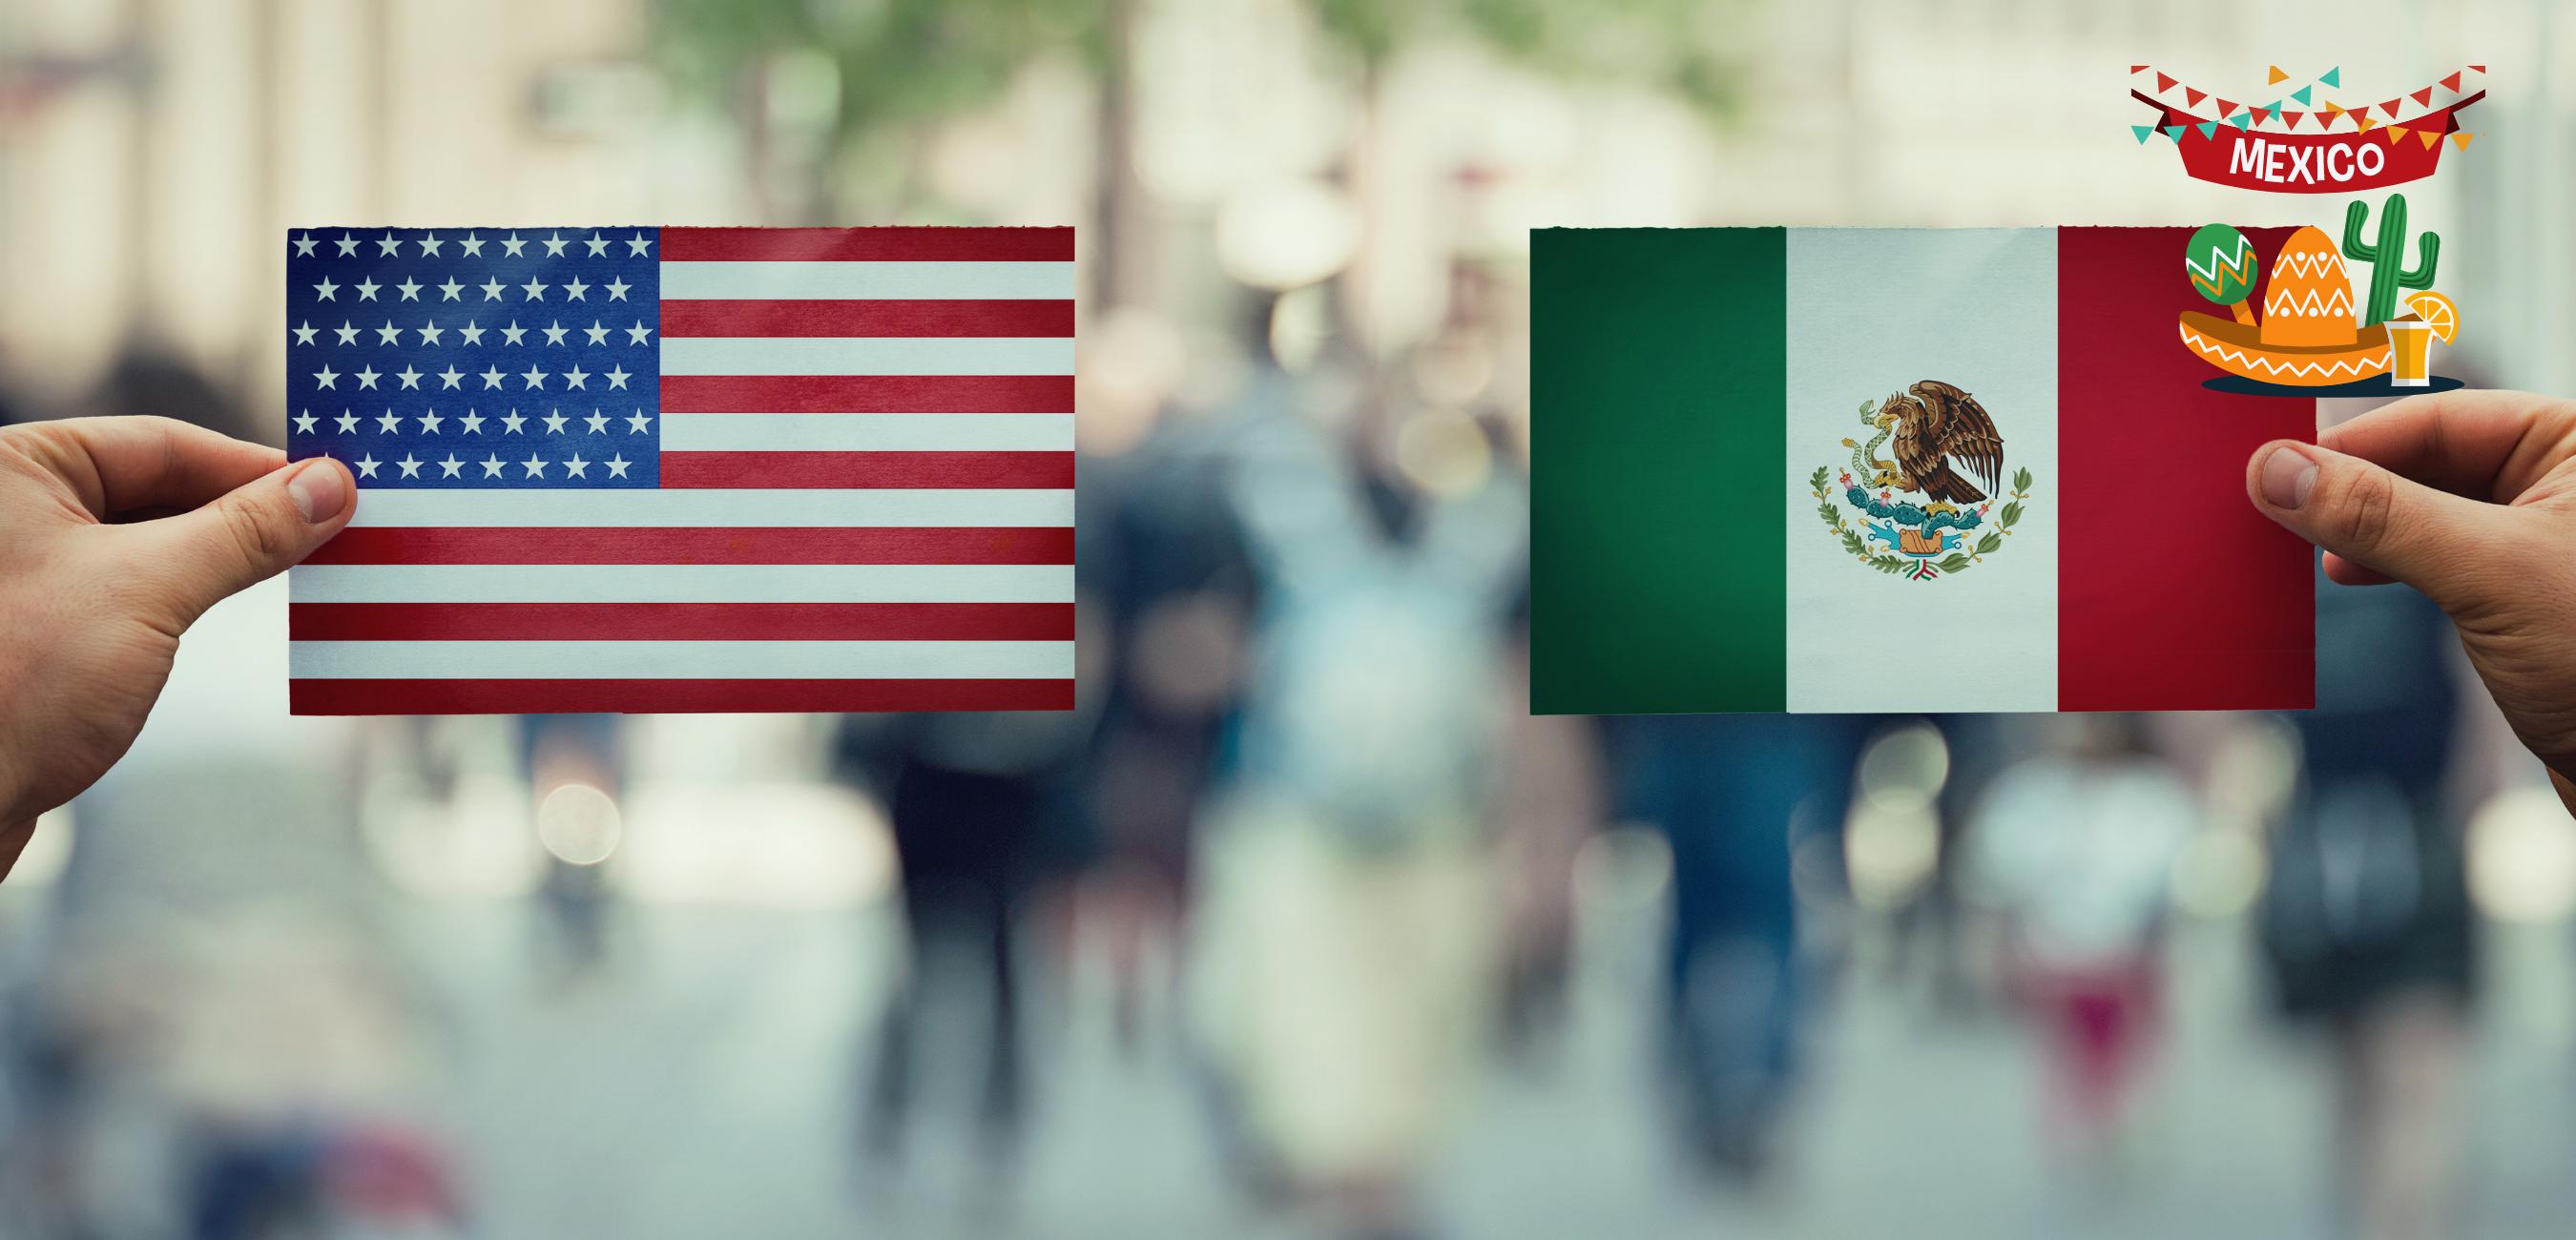 Spanisch in Mexiko: Einfluss der USA